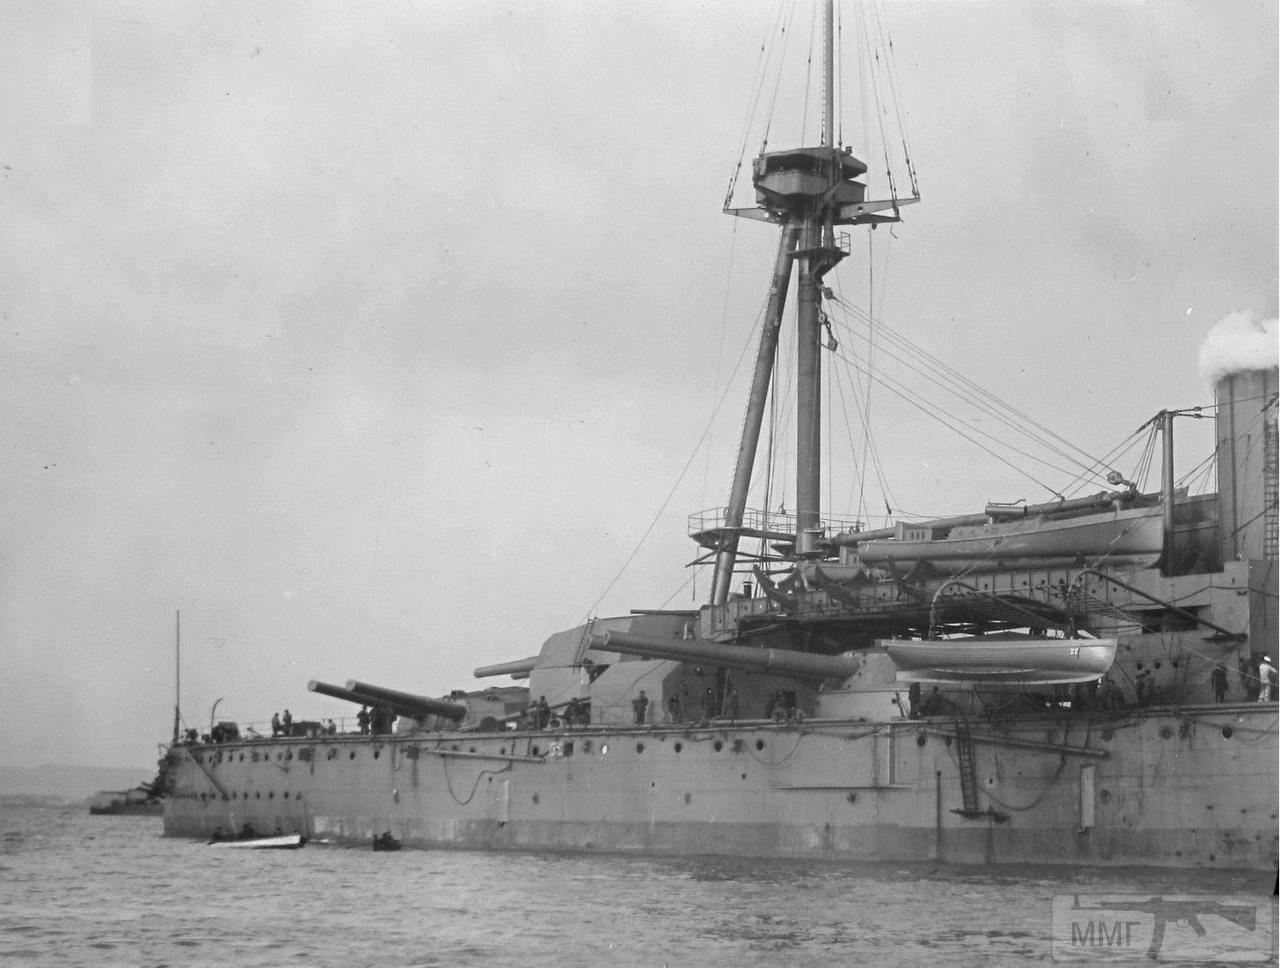 97282 - Броненосцы, дредноуты, линкоры и крейсера Британии